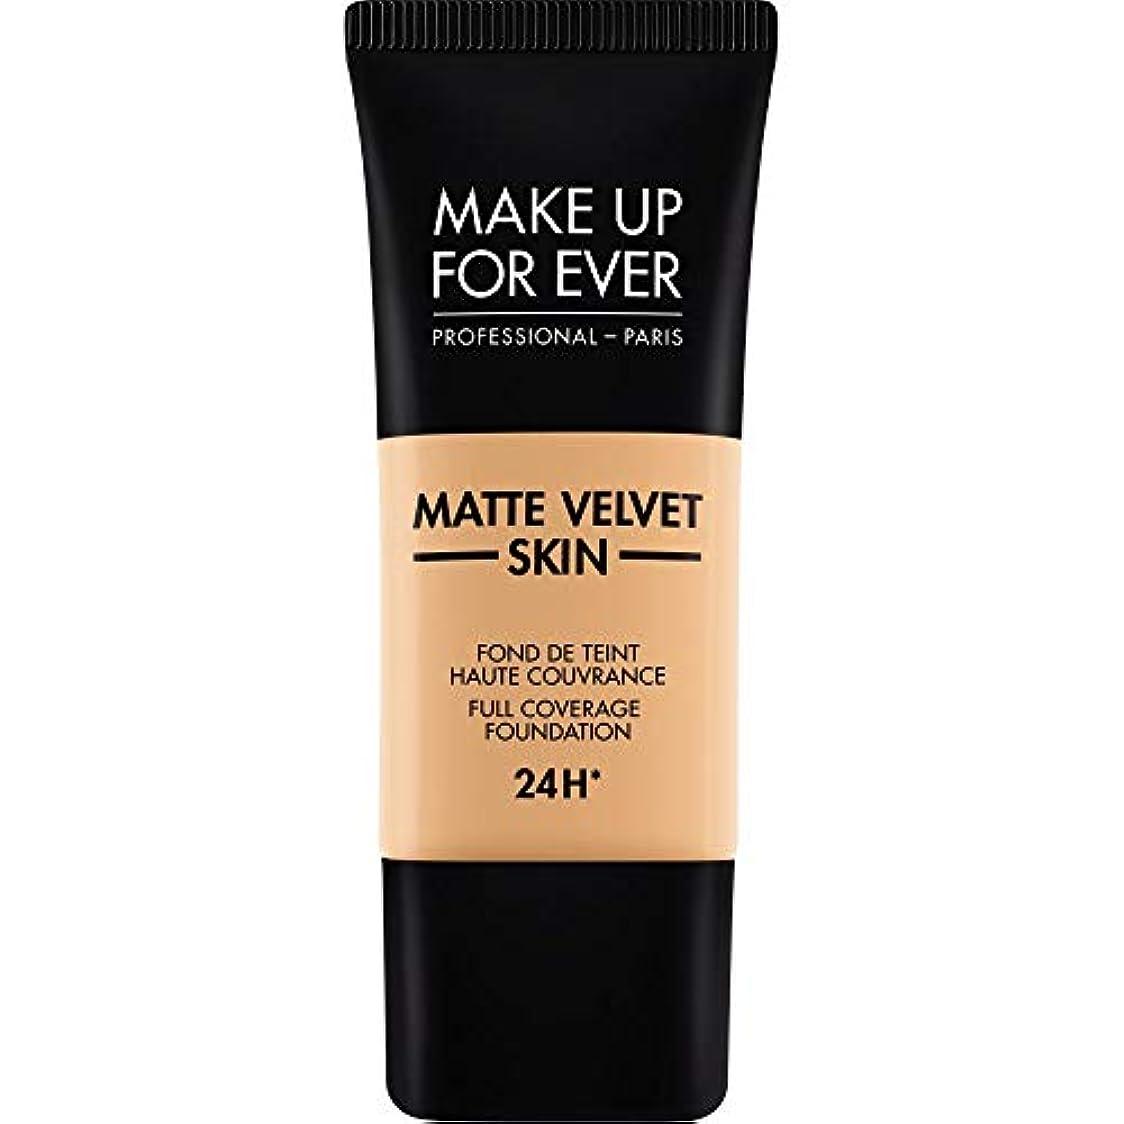 複合慢な無能[MAKE UP FOR EVER] これまでマットベルベットの皮膚のフルカバレッジ基礎30ミリリットルのY315を補う - 砂 - MAKE UP FOR EVER Matte Velvet Skin Full Coverage...